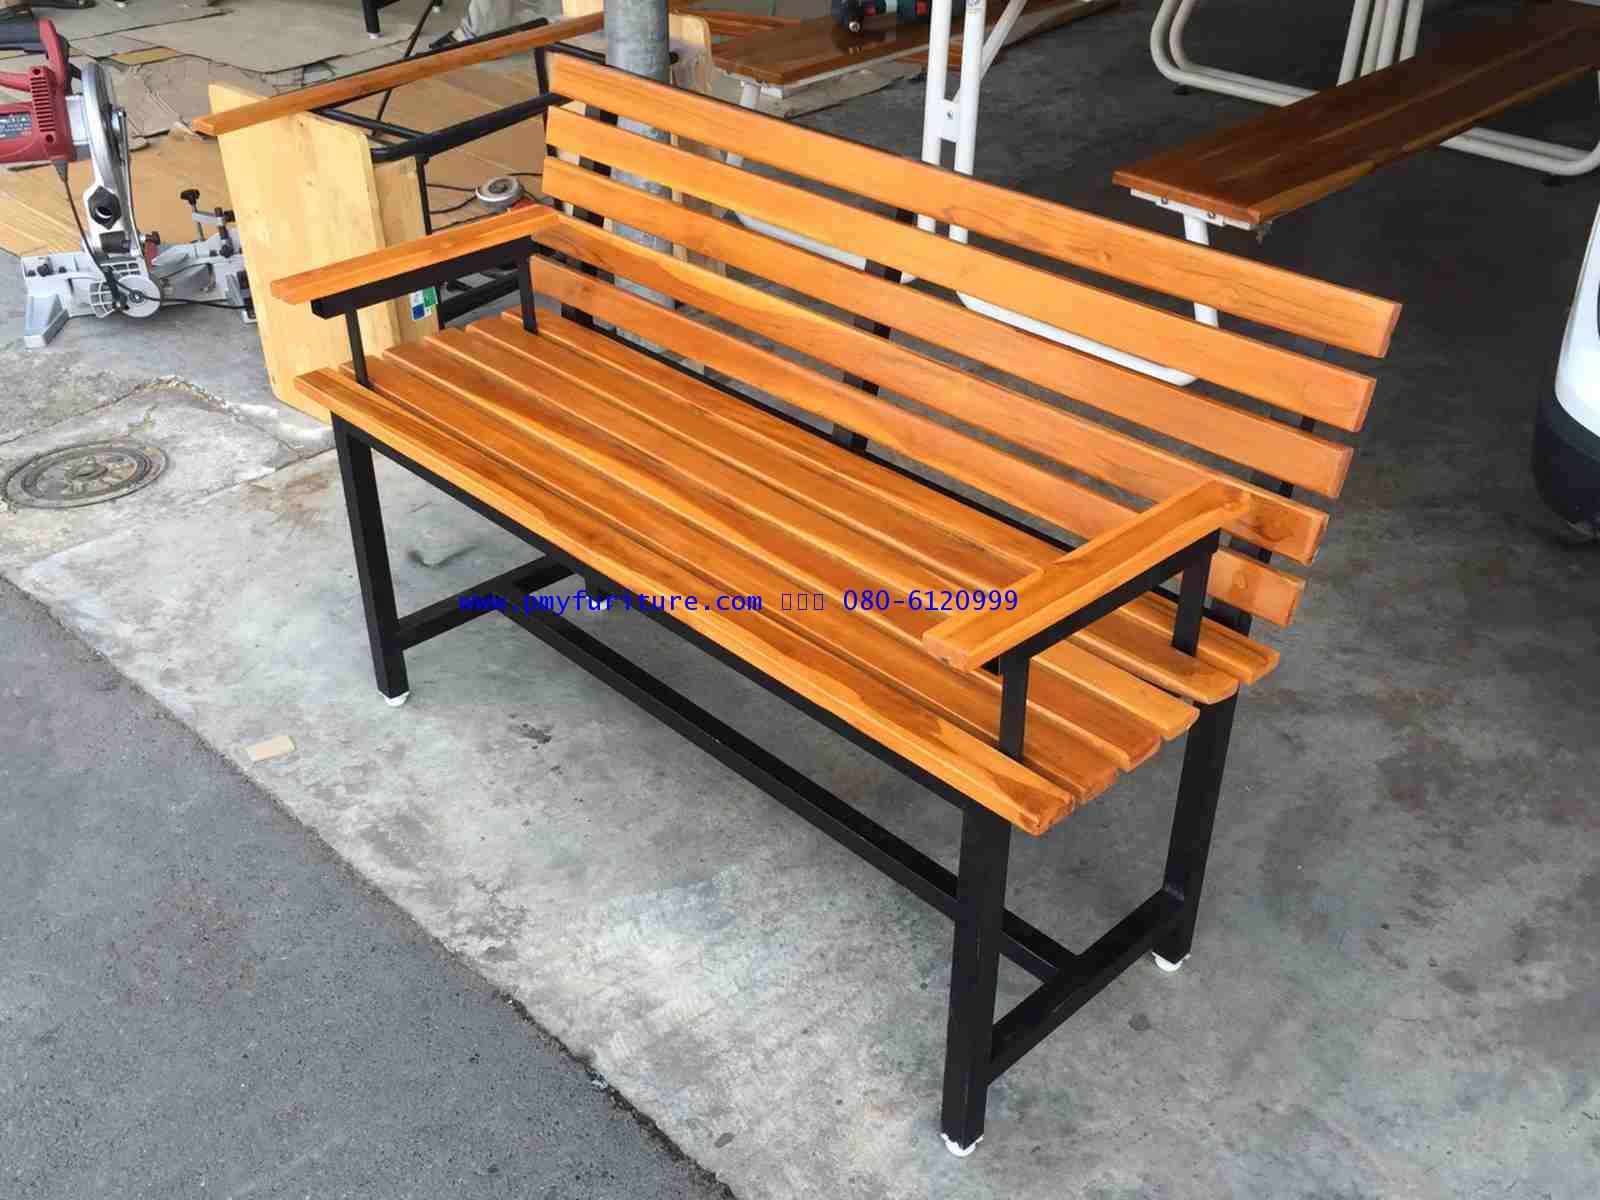 pmy19-6 ม้านั่งไม้ระแนงหน้า2 มีที่พักแขน